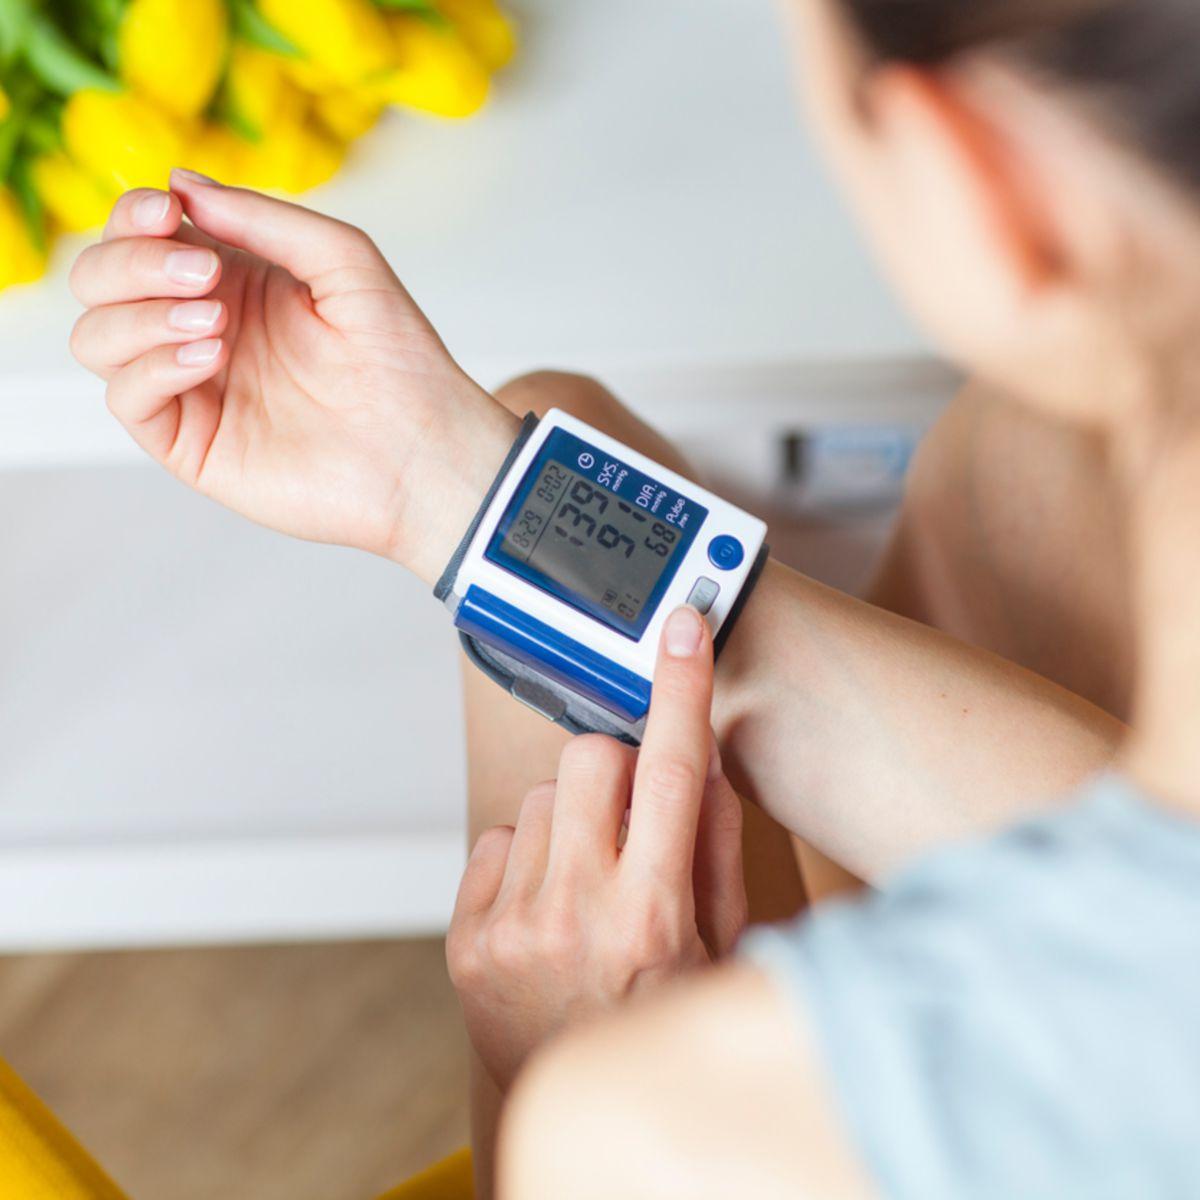 Comment prévenir et réduire naturellement l'hypertension artérielle